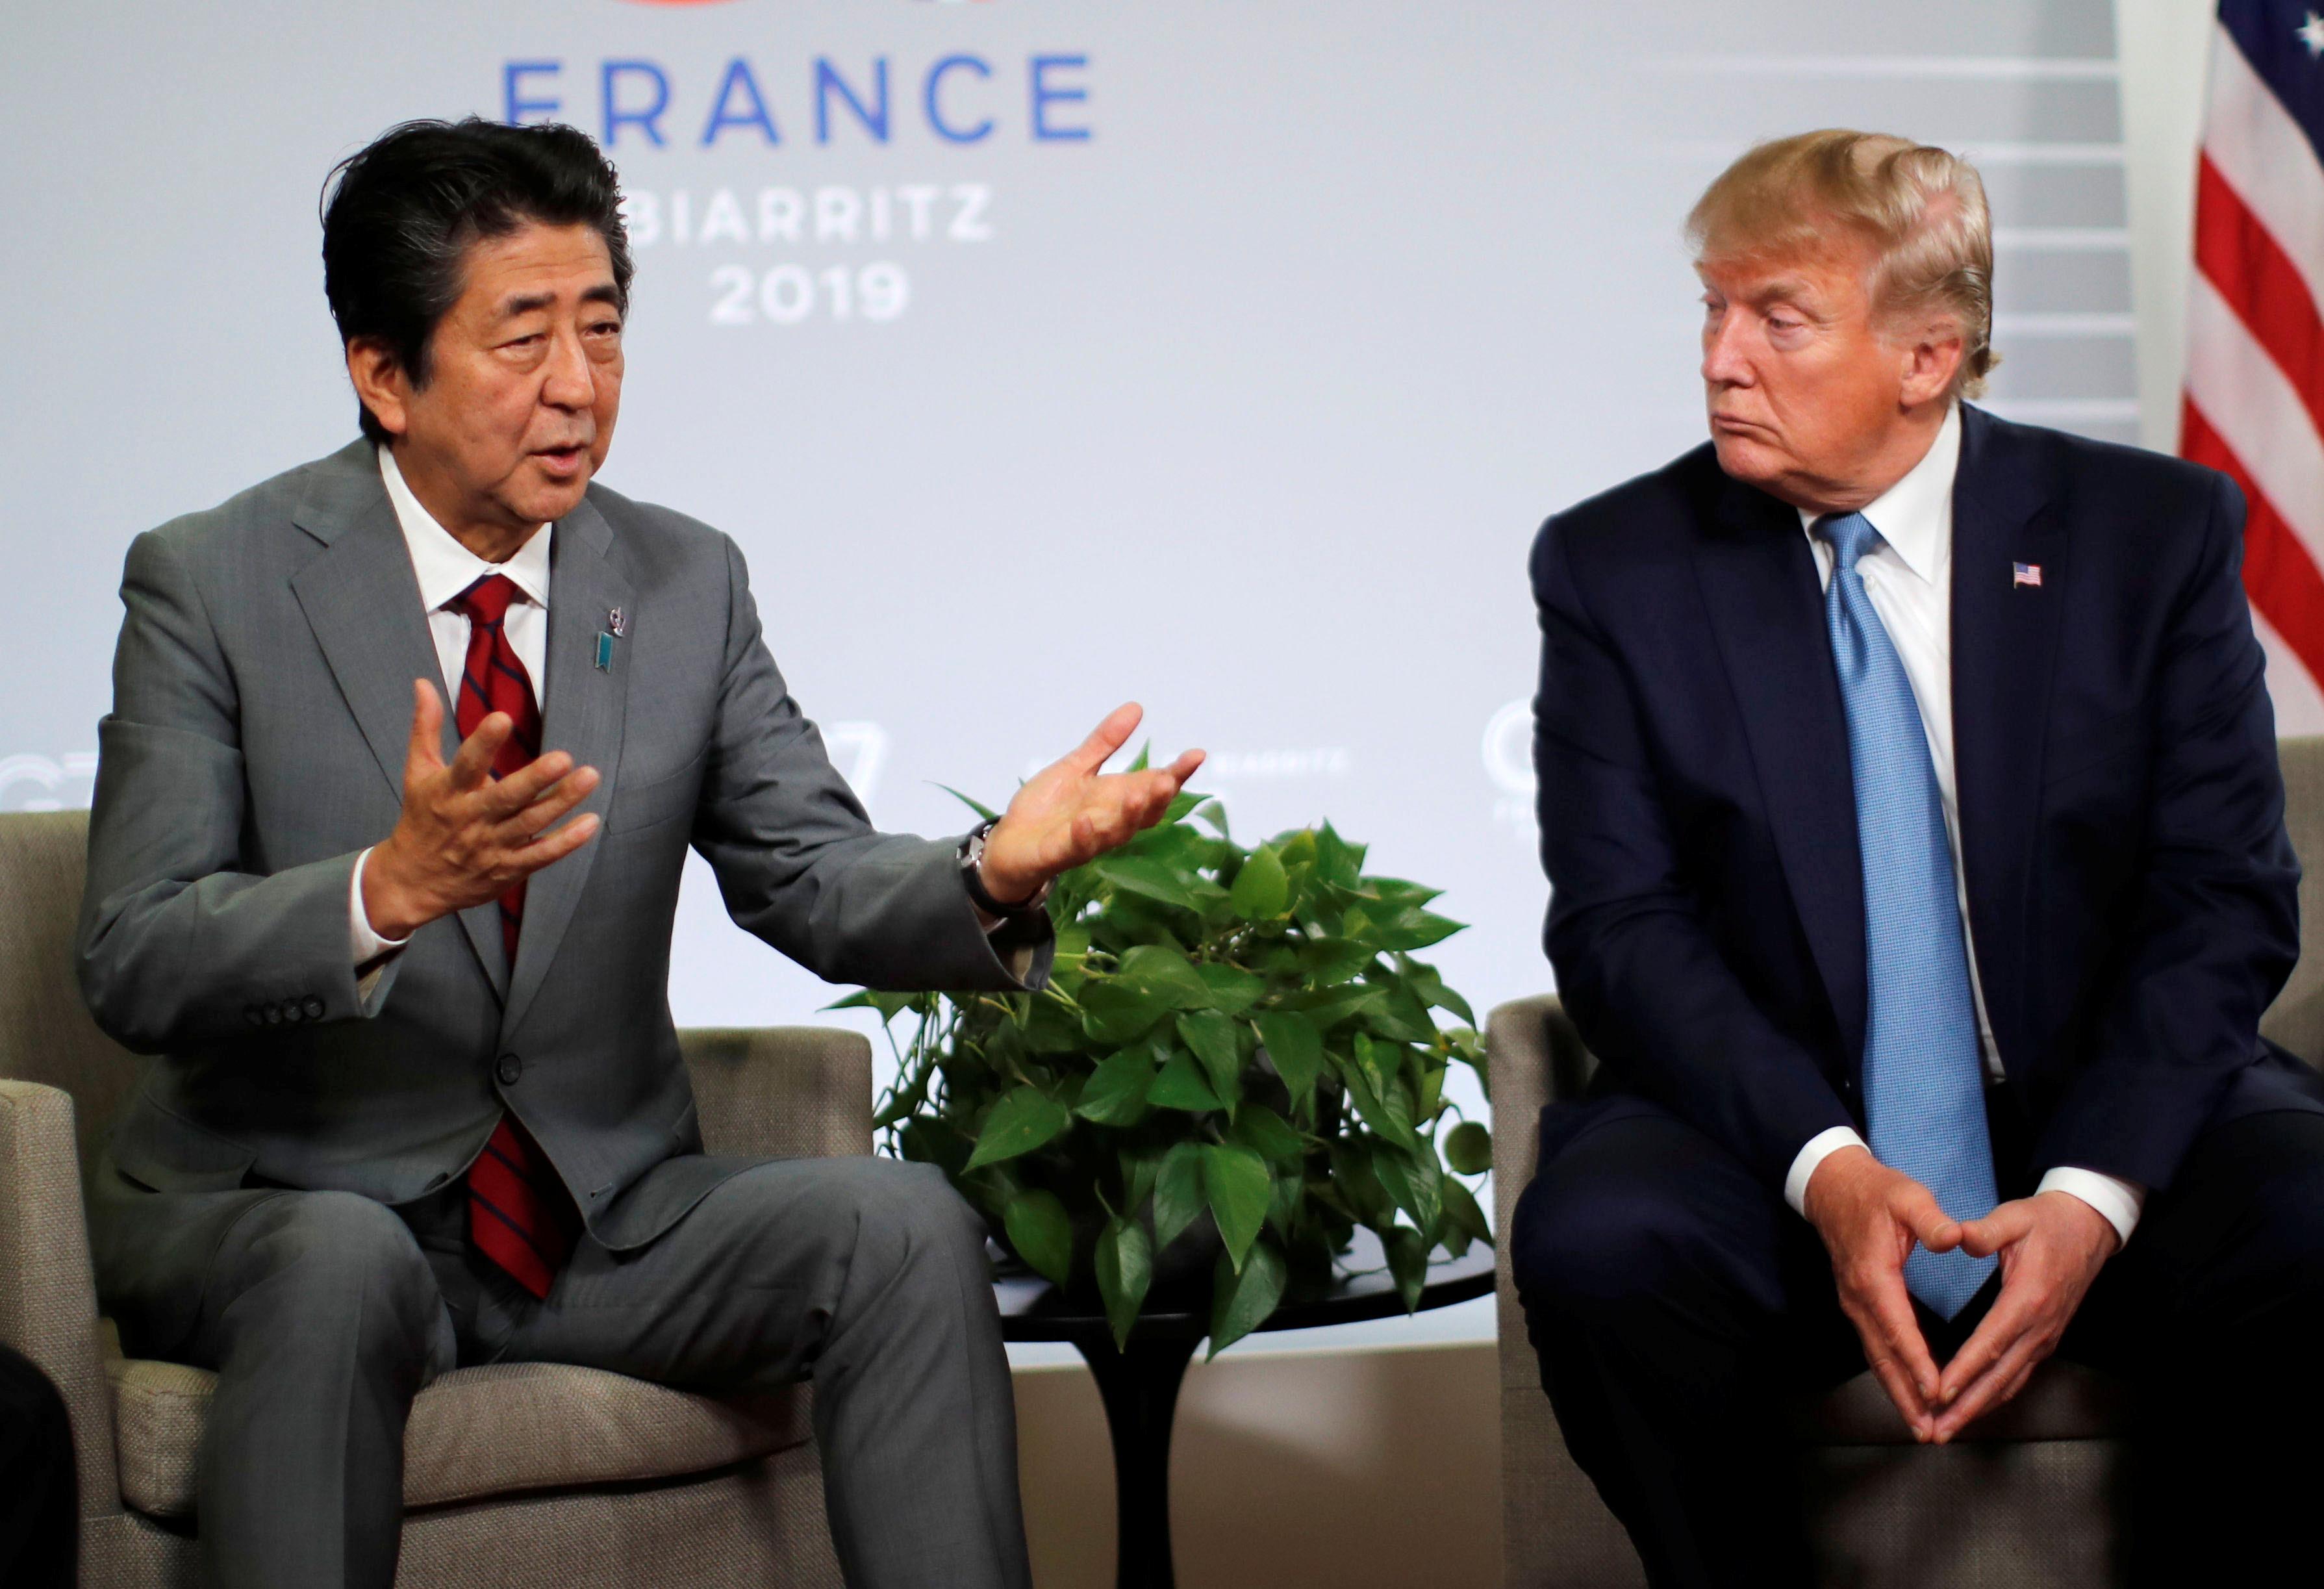 Εμπορική συμφωνία ανάμεσα σε ΗΠΑ και Ιαπωνία μέχρι τέλος Σεπτεμβρίου